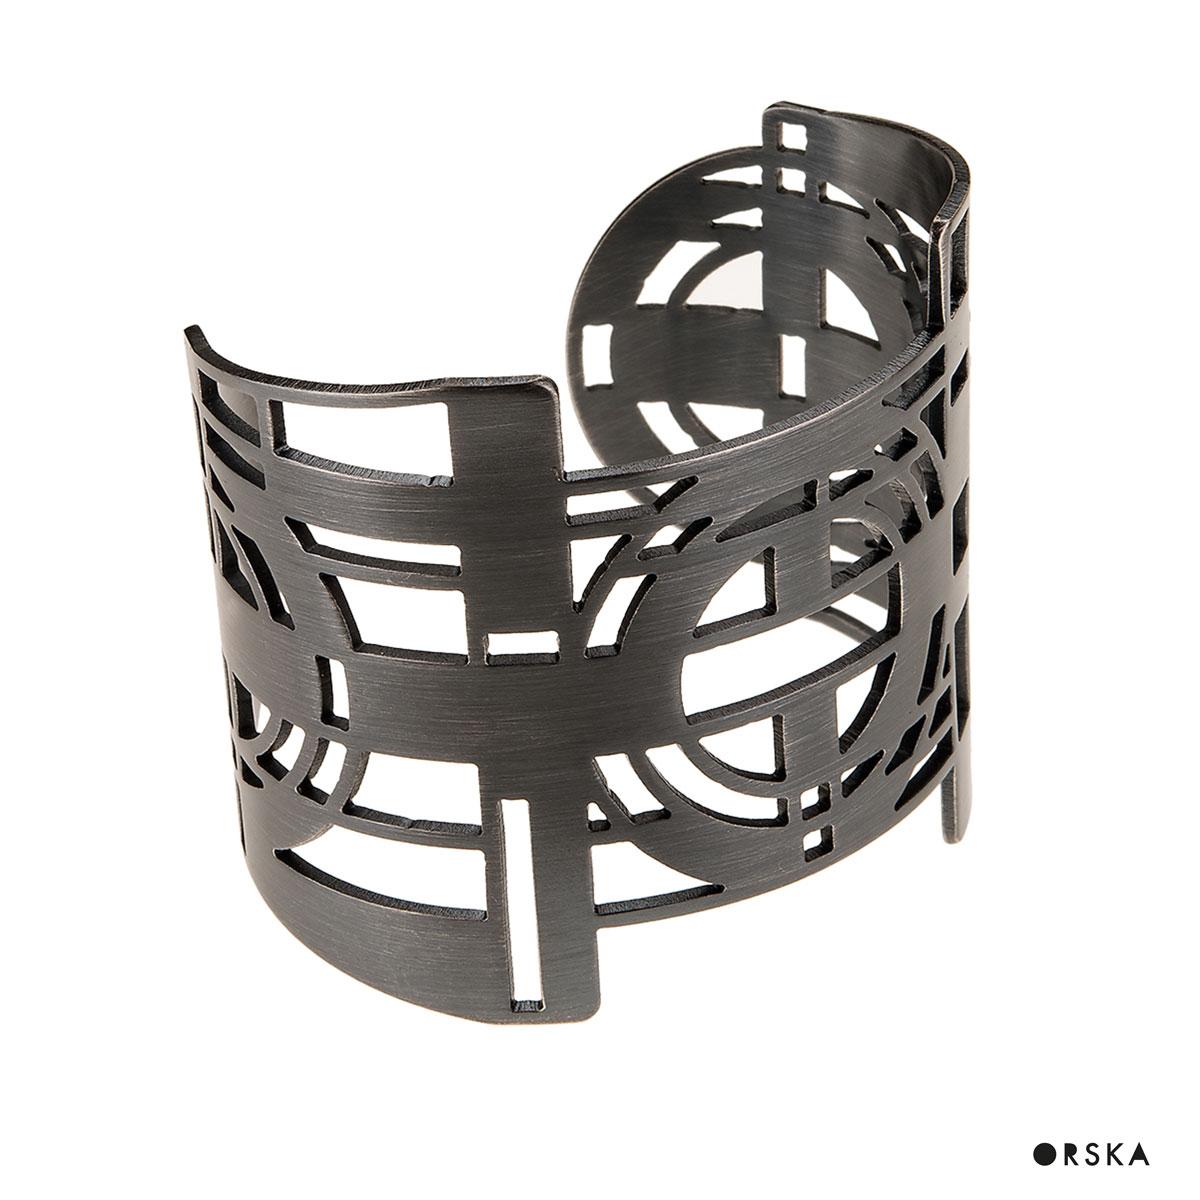 Futurystyczna kolekcja Nano od ORSKA